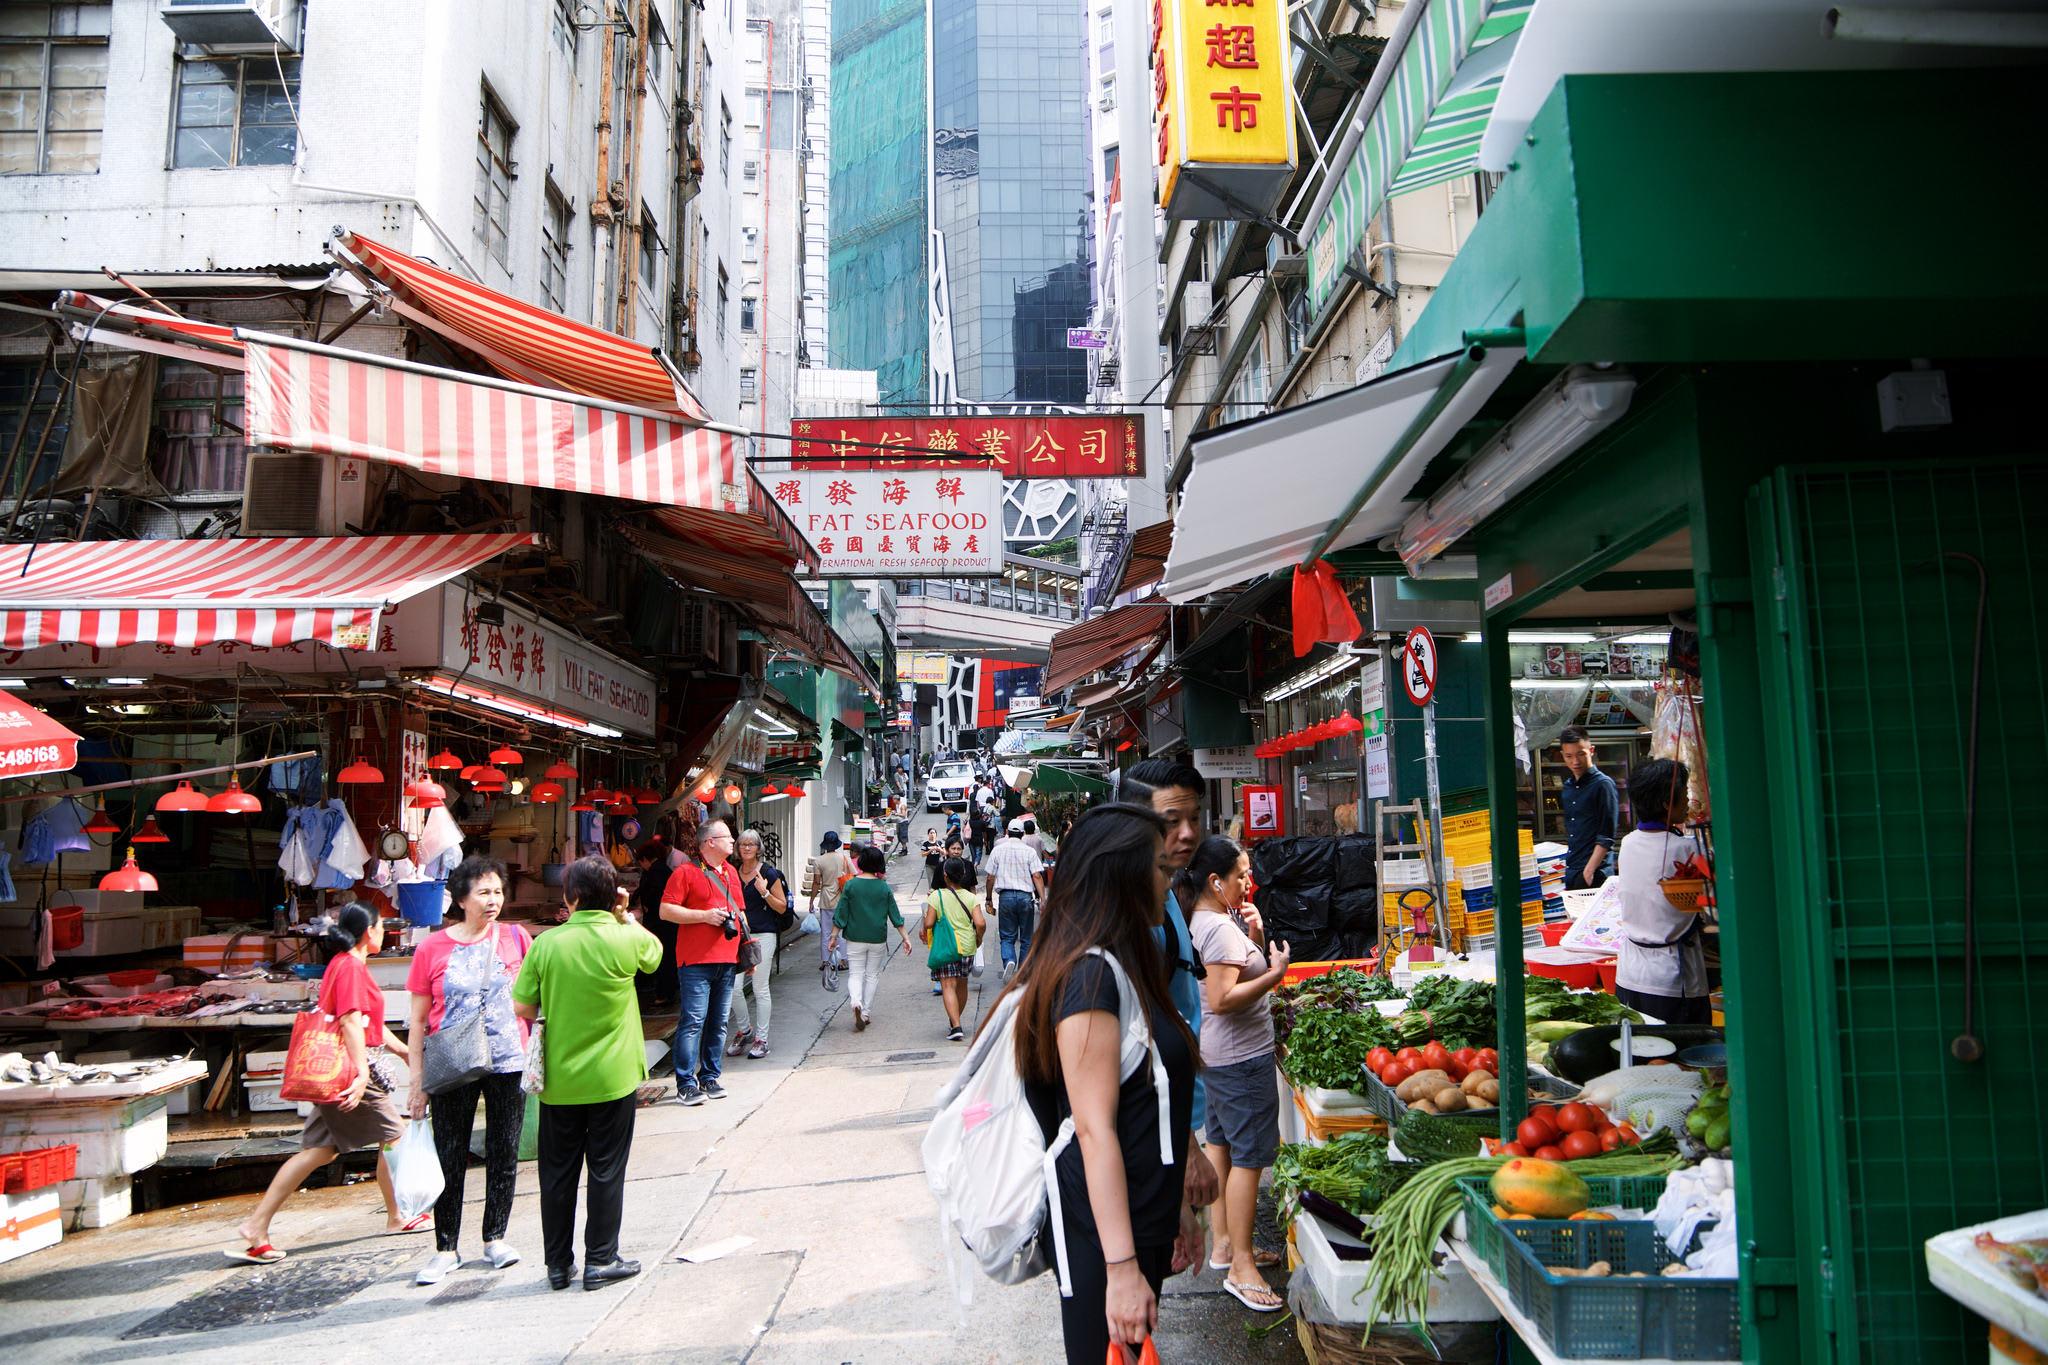 嘉咸街體驗當地生活 來源:flickr@inmediahk